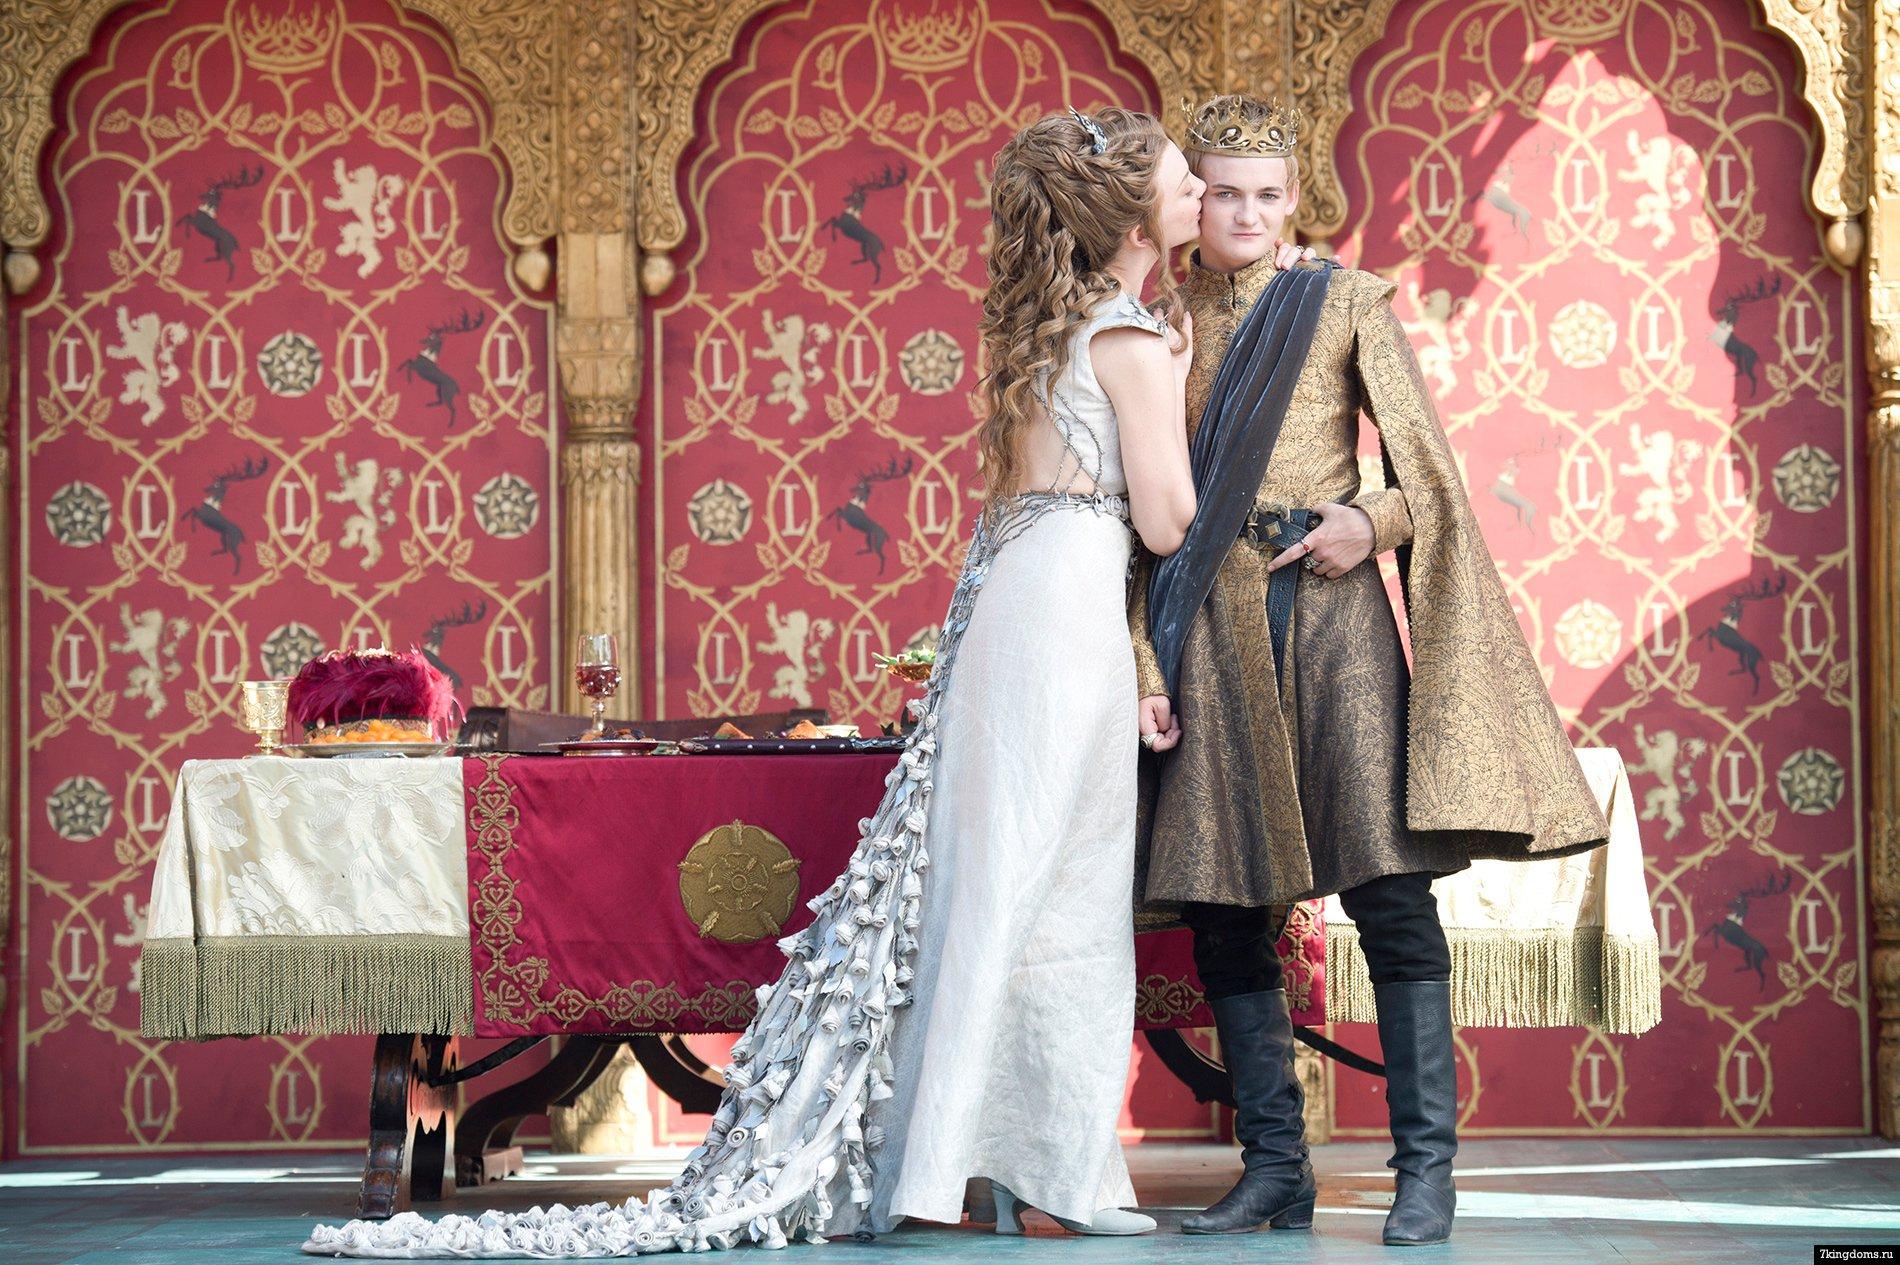 Царская невеста чем кончается